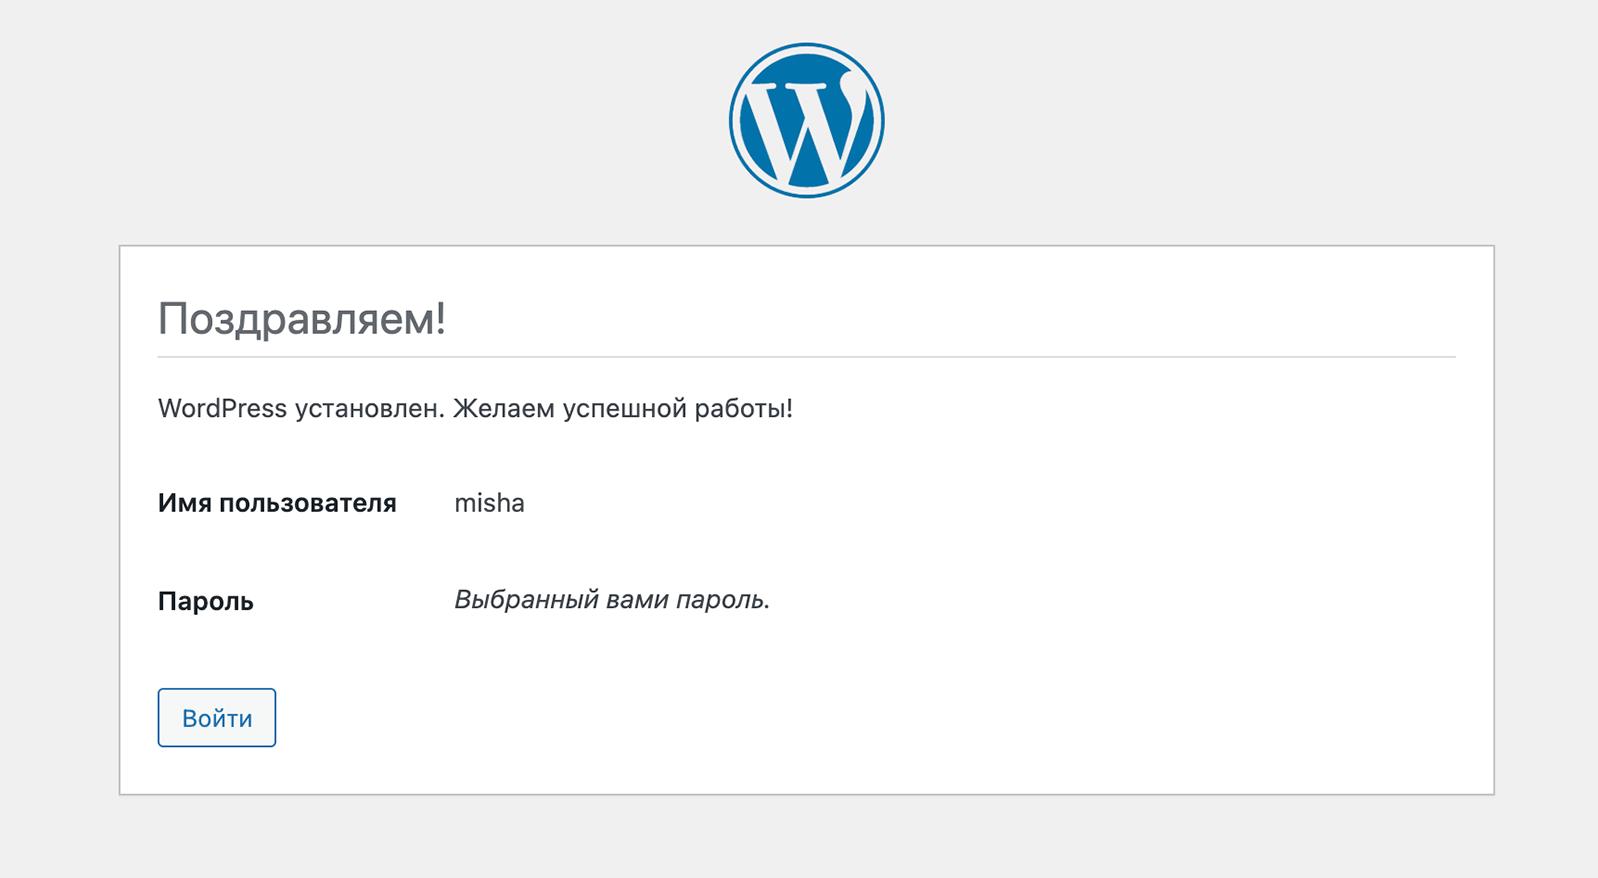 Установка WordPress успешно завершена